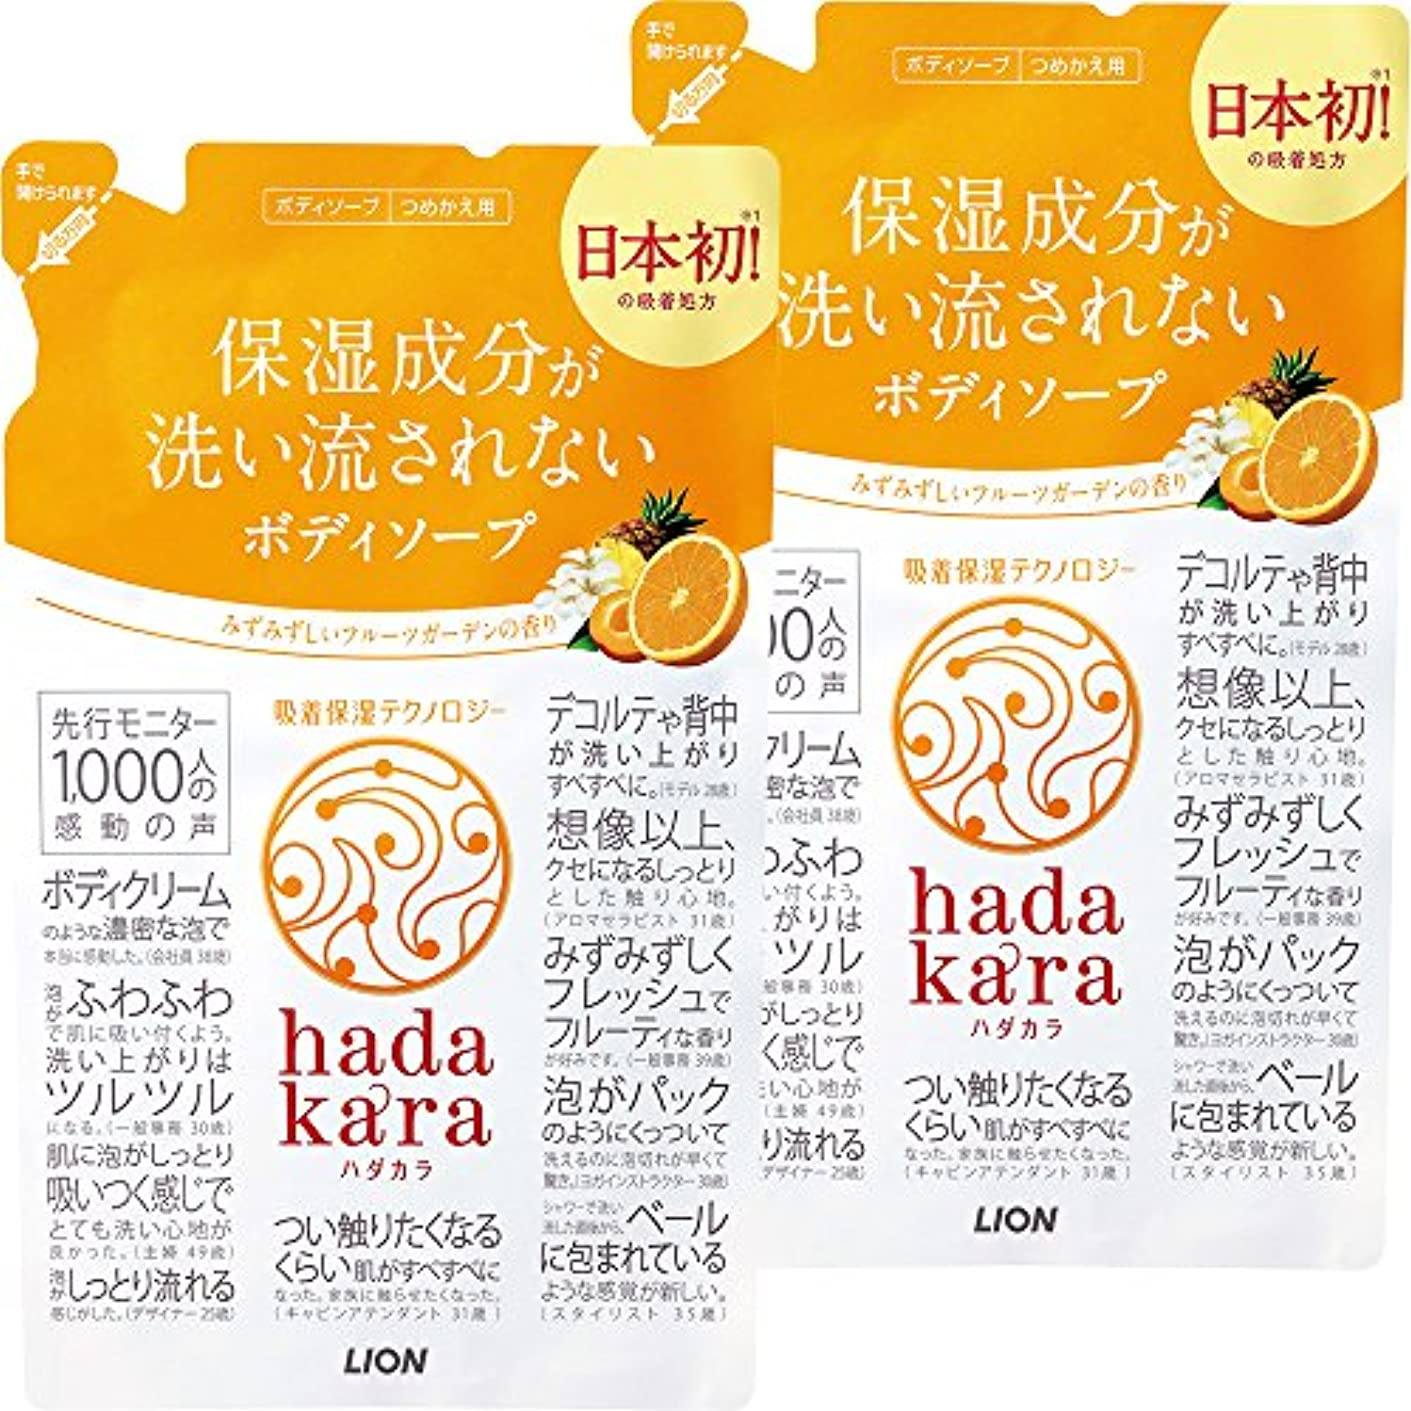 貧困マチュピチュ鋸歯状【まとめ買い】hadakara(ハダカラ) ボディソープ フルーツガーデンの香り 詰め替え 360ml×2個パック